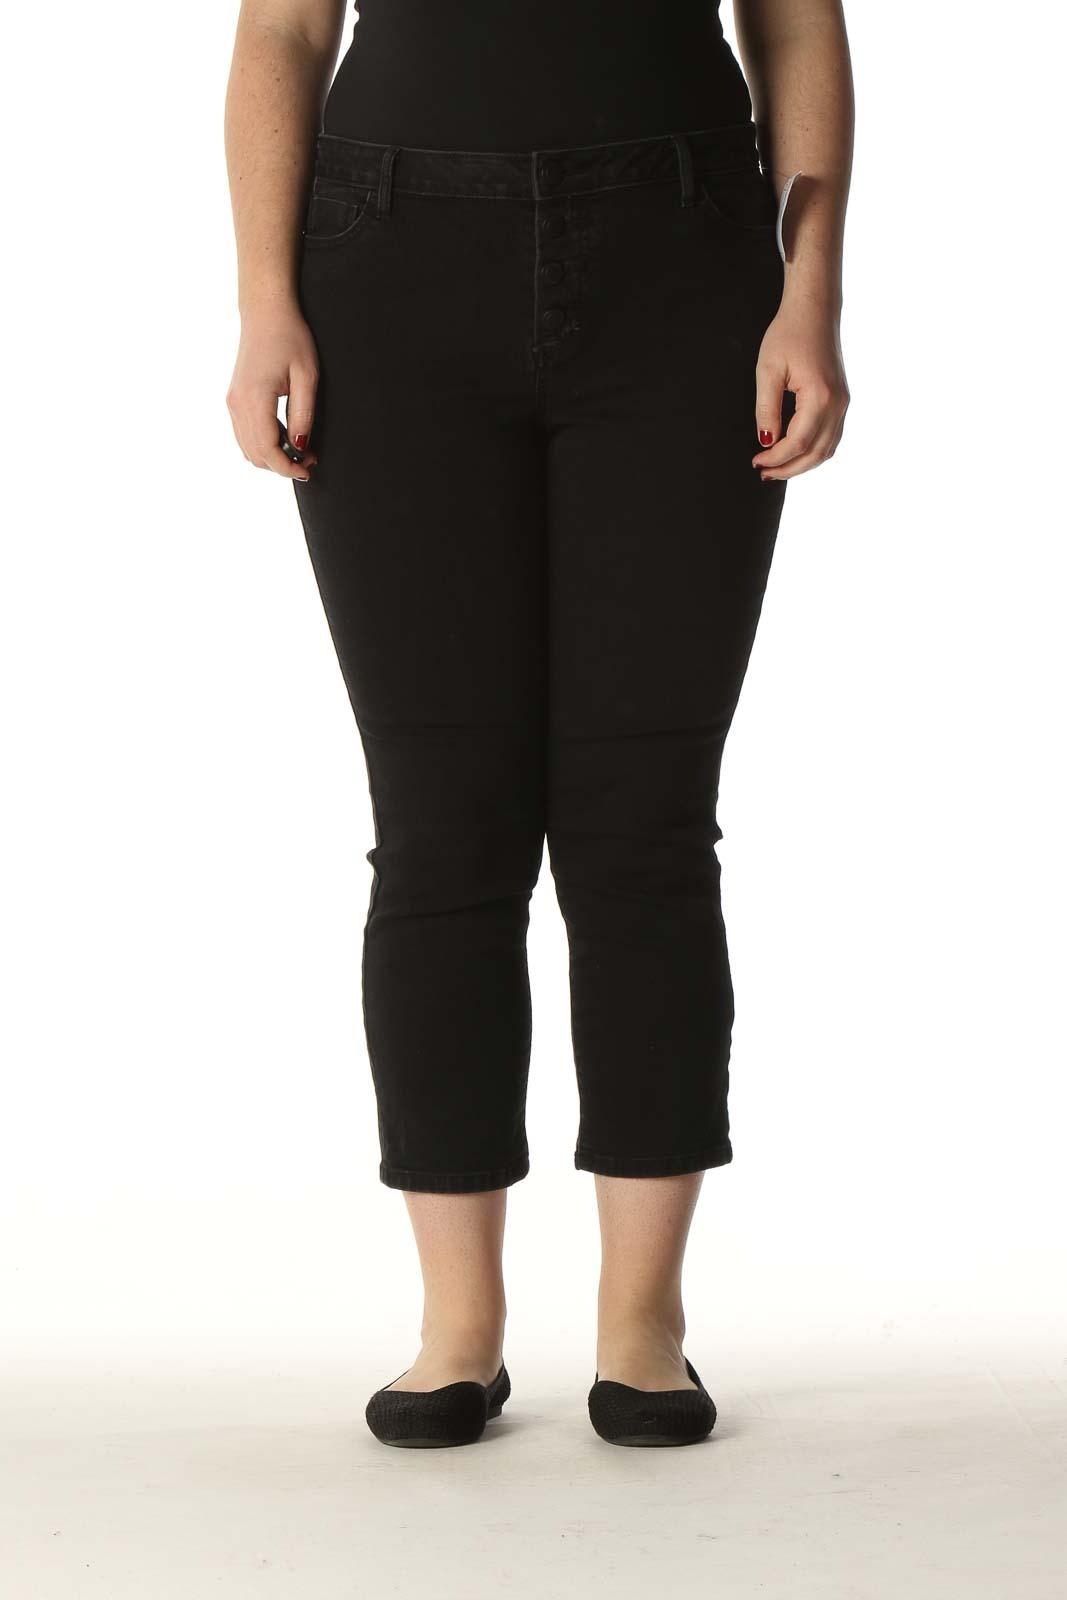 Black Solid Casual Capri Pants Front